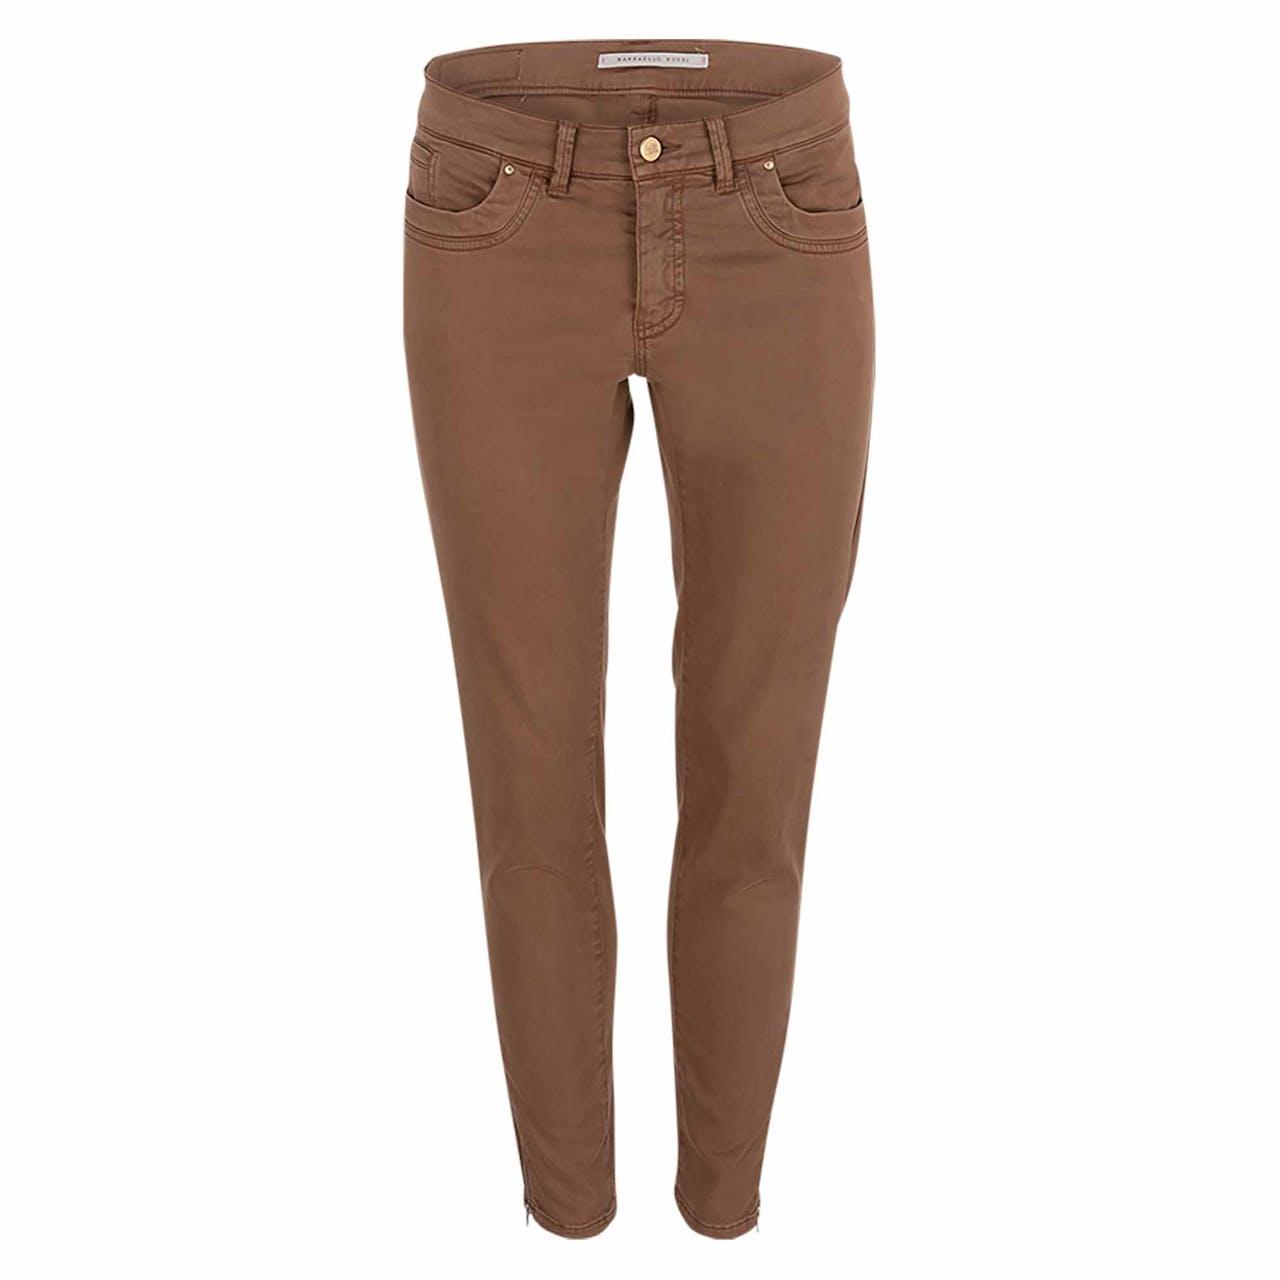 Jeans - Nomi Z - Slim Fit